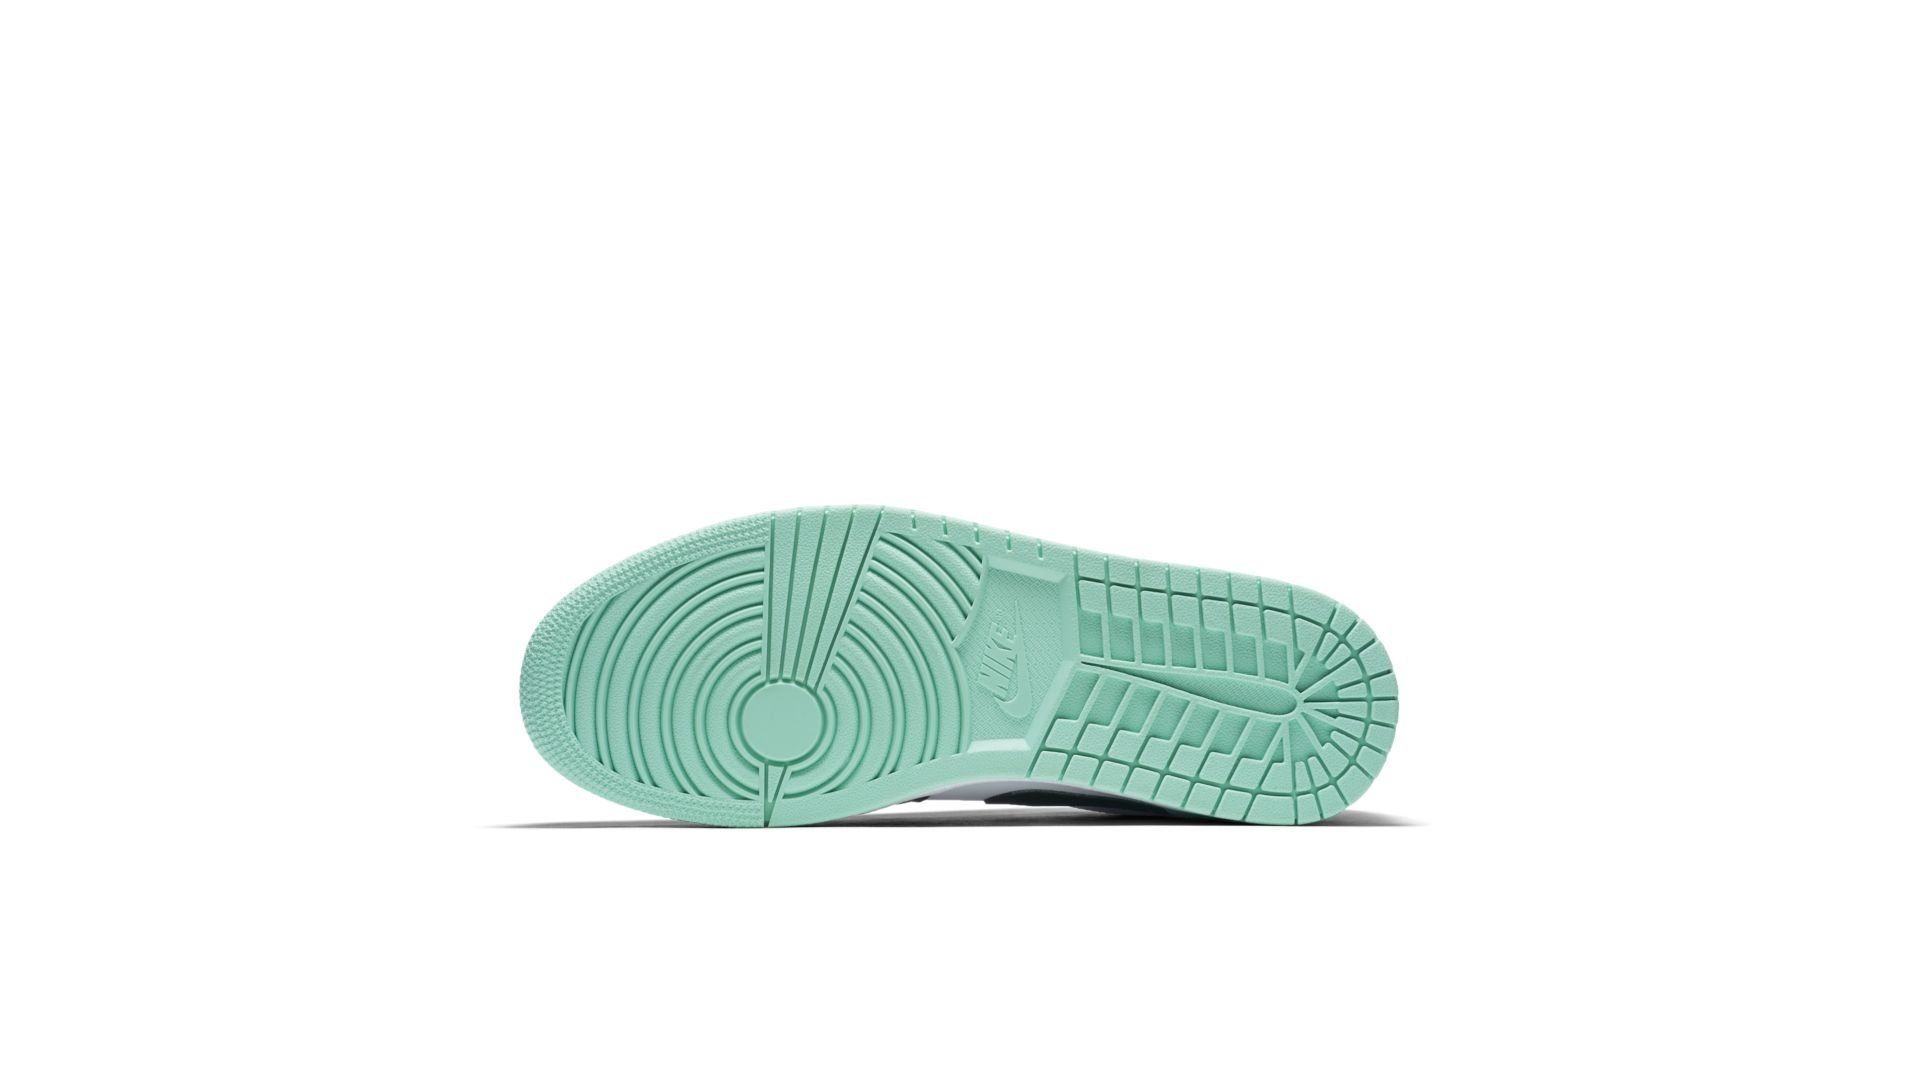 Jordan 1 Low Emerald Toe (553558-117)